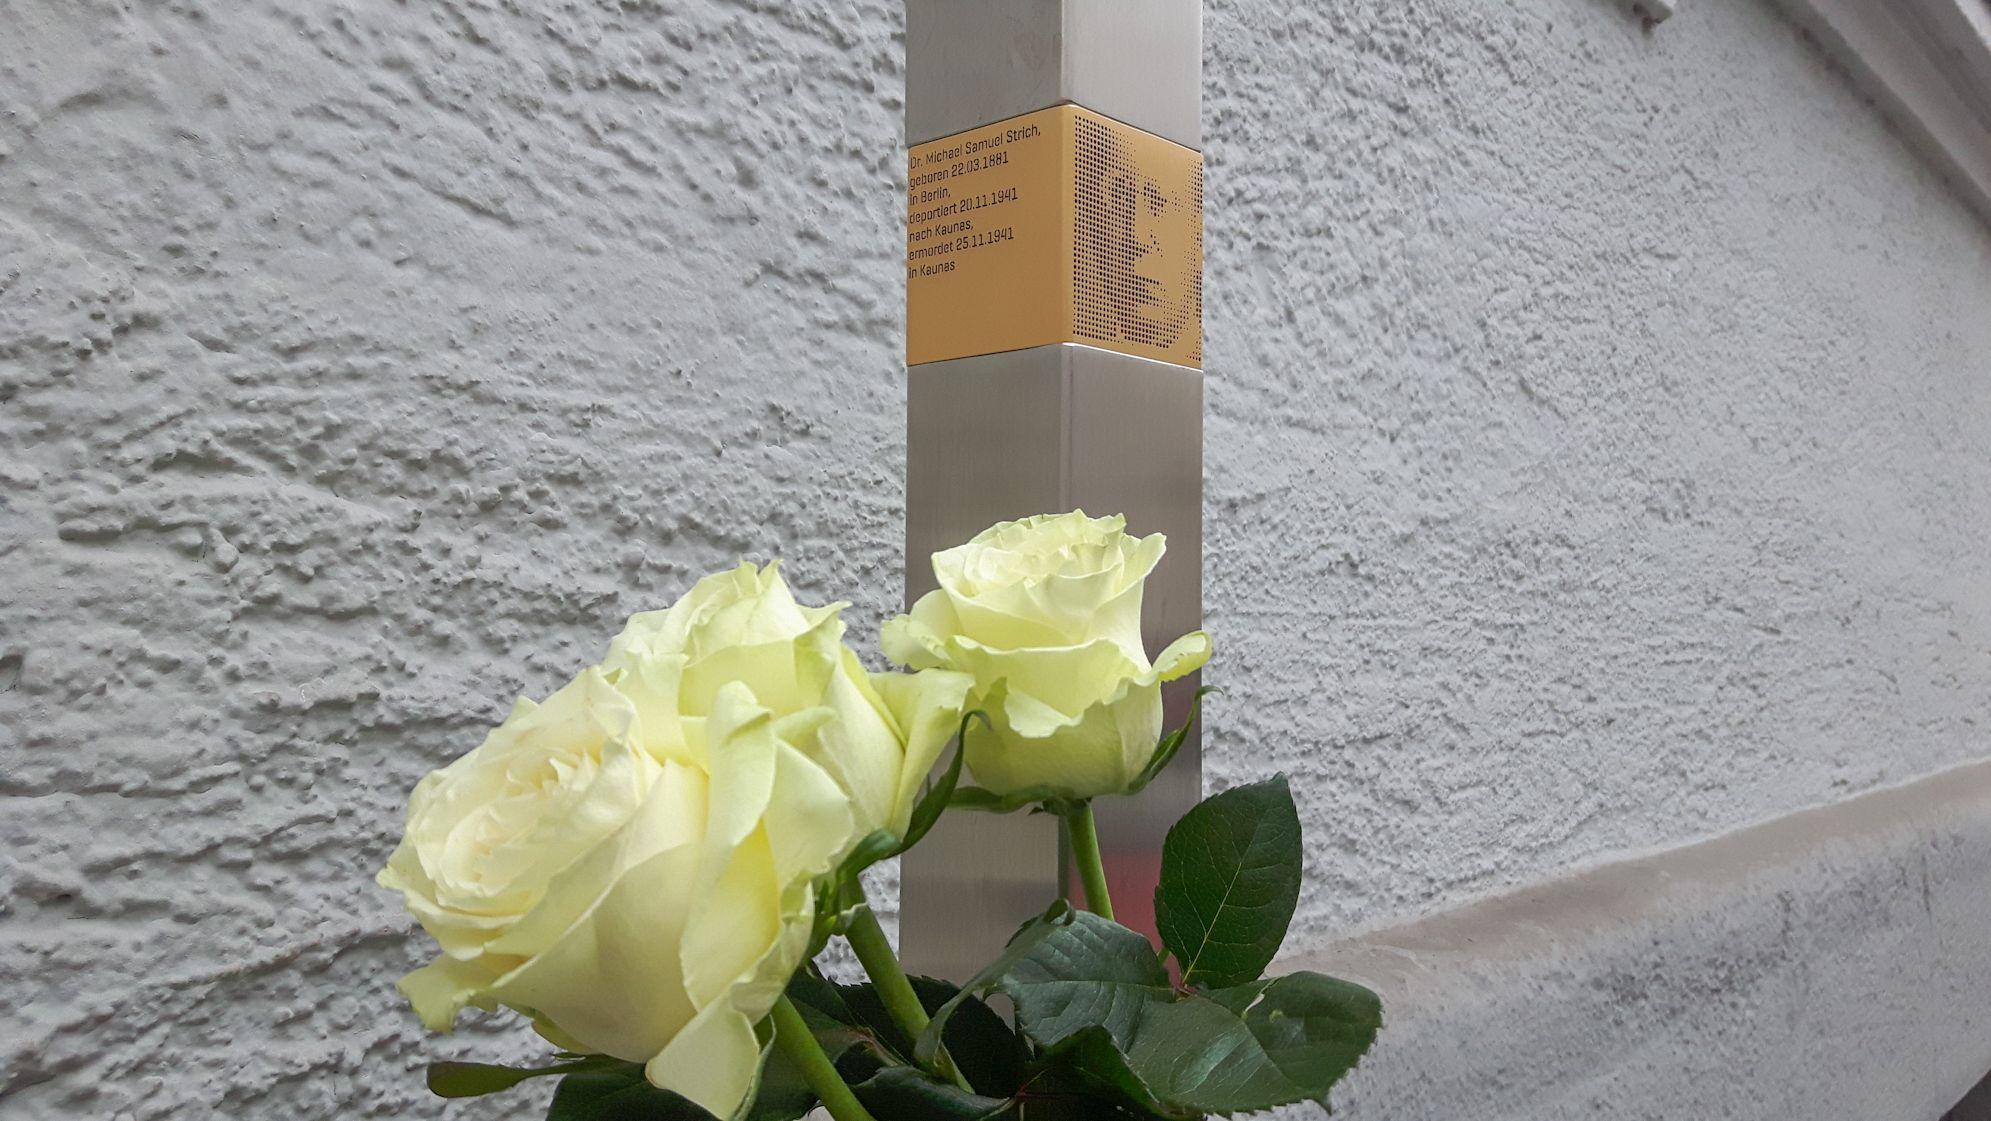 Stele zum Gedenken an deportierte Juden in der Clemensstraße in Schwabing-West.